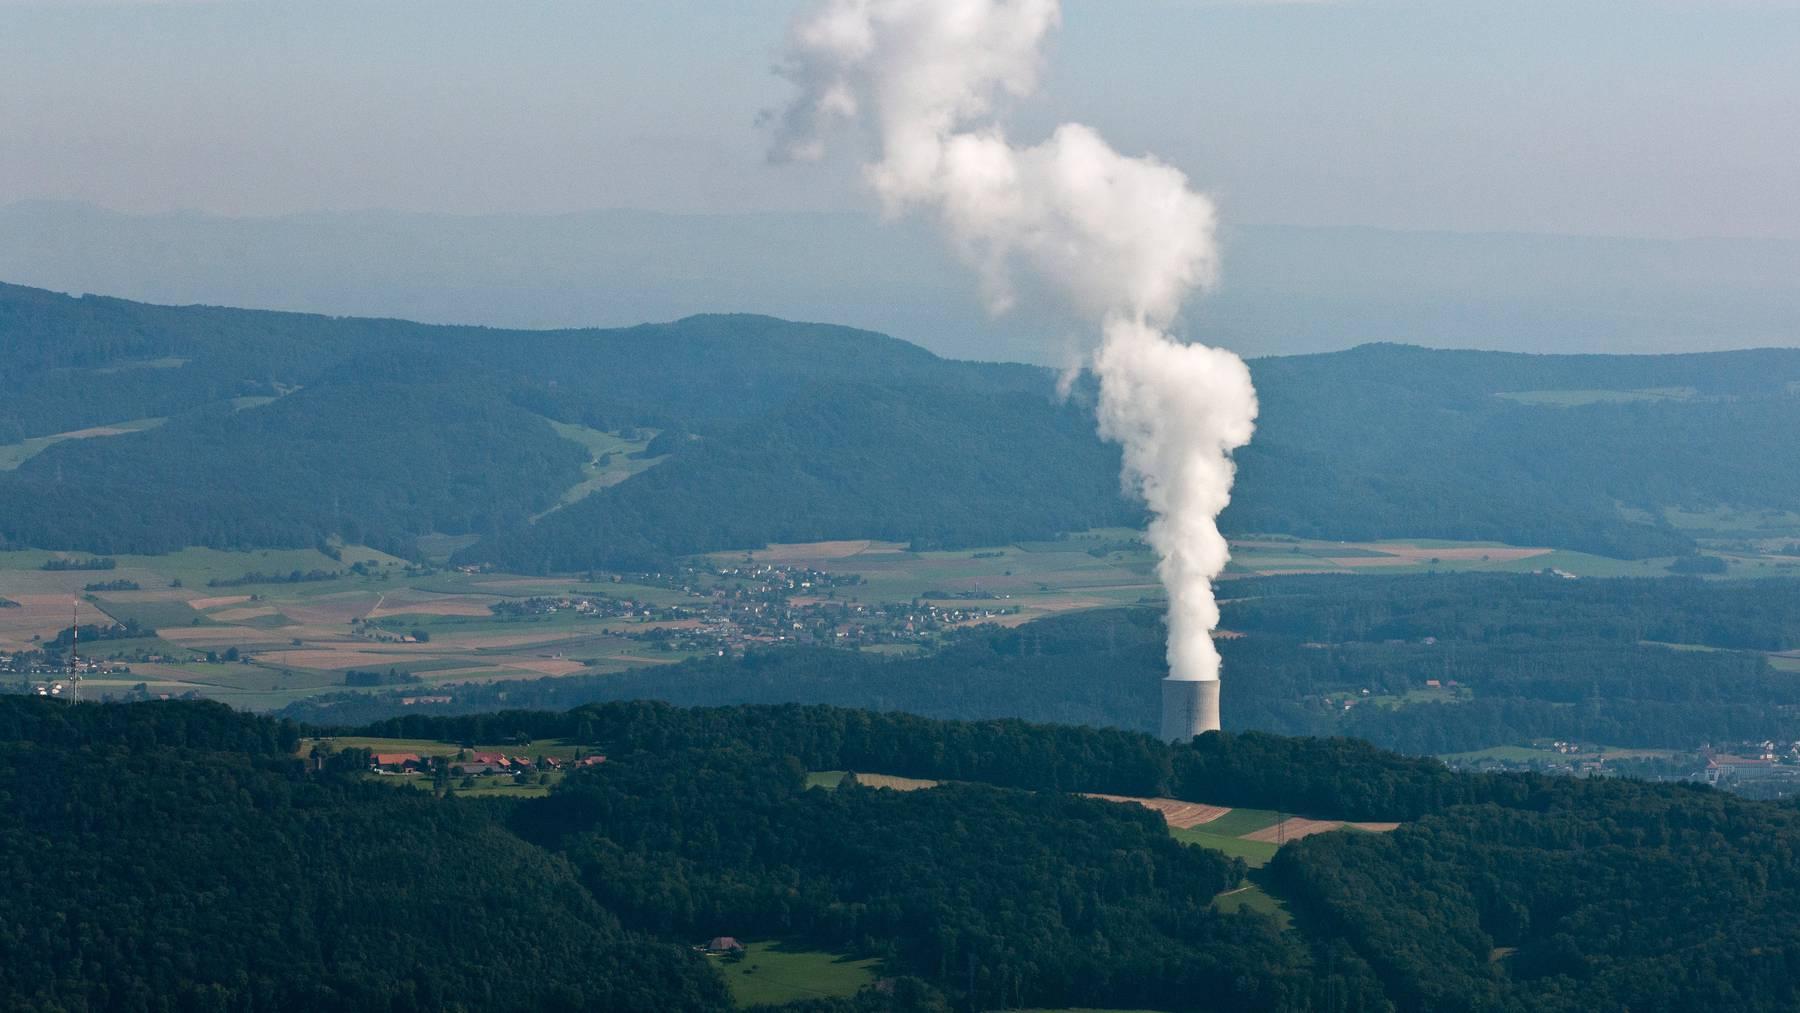 Die Strompruduktion im AKW Gösgen wurde am Montag für 6,5 Stunden unterbrochen. Nun läuft sie wieder. (Symbolbild)